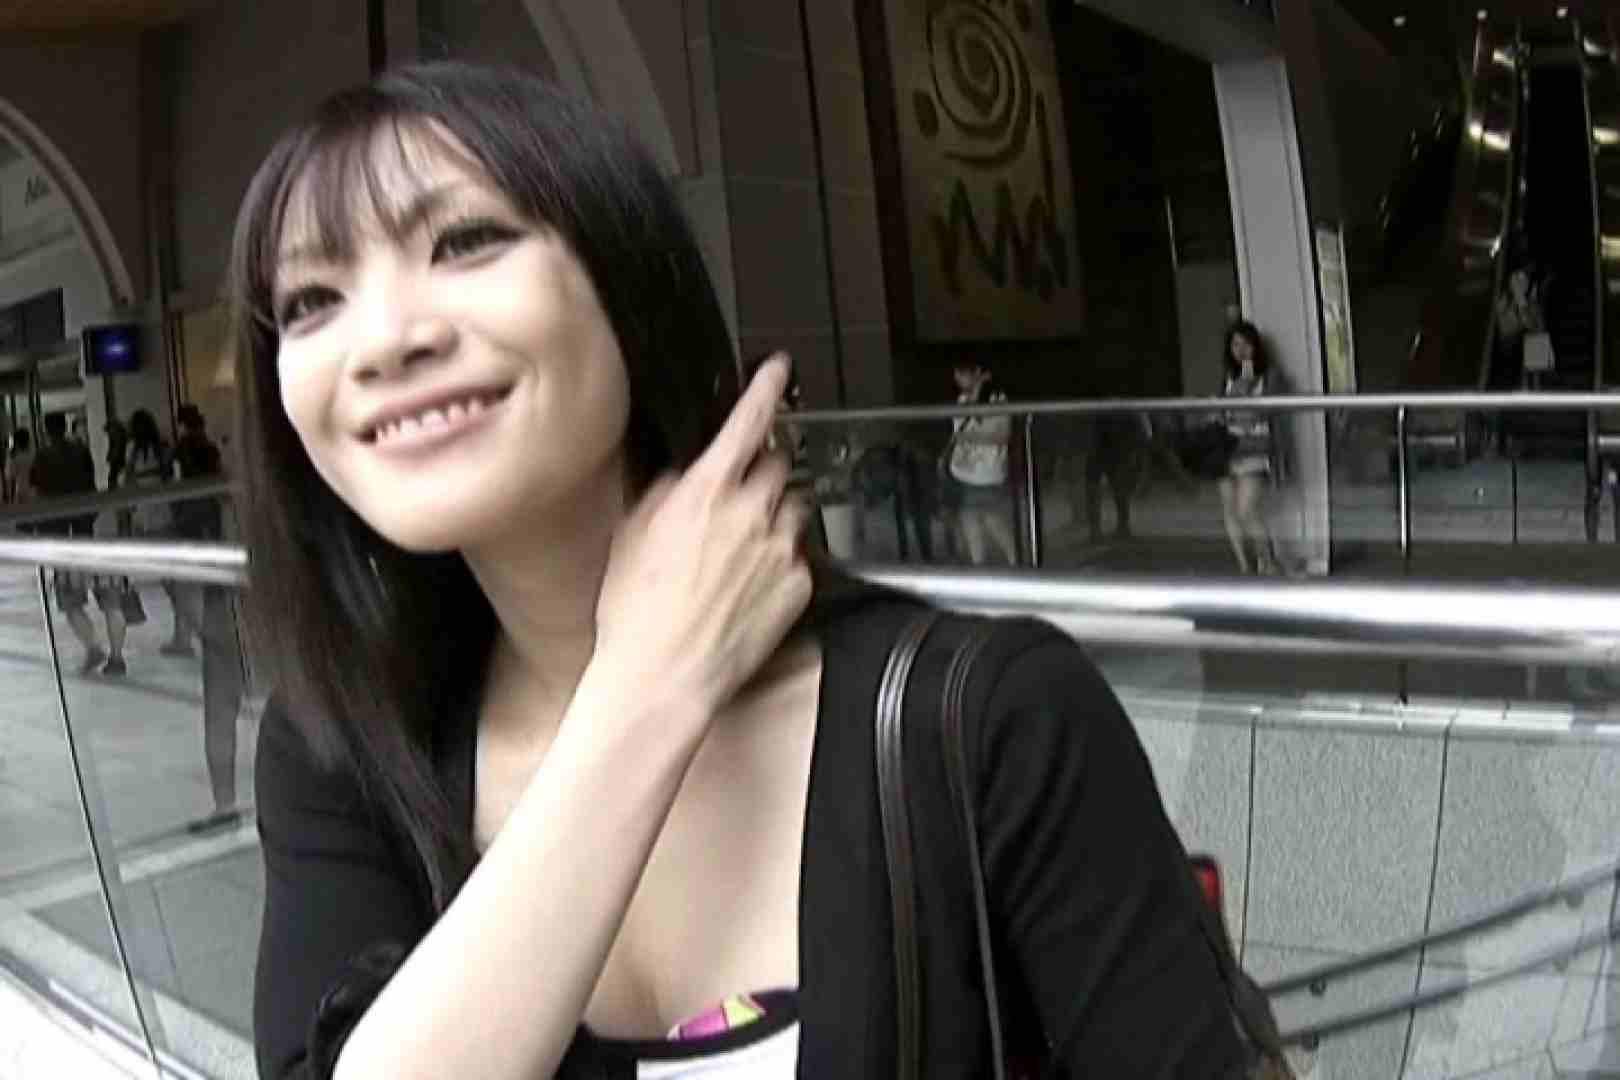 素人ナンパ本番撮り!出会い系でGET!Vol.15 本番映像 SEX無修正画像 90pic 15